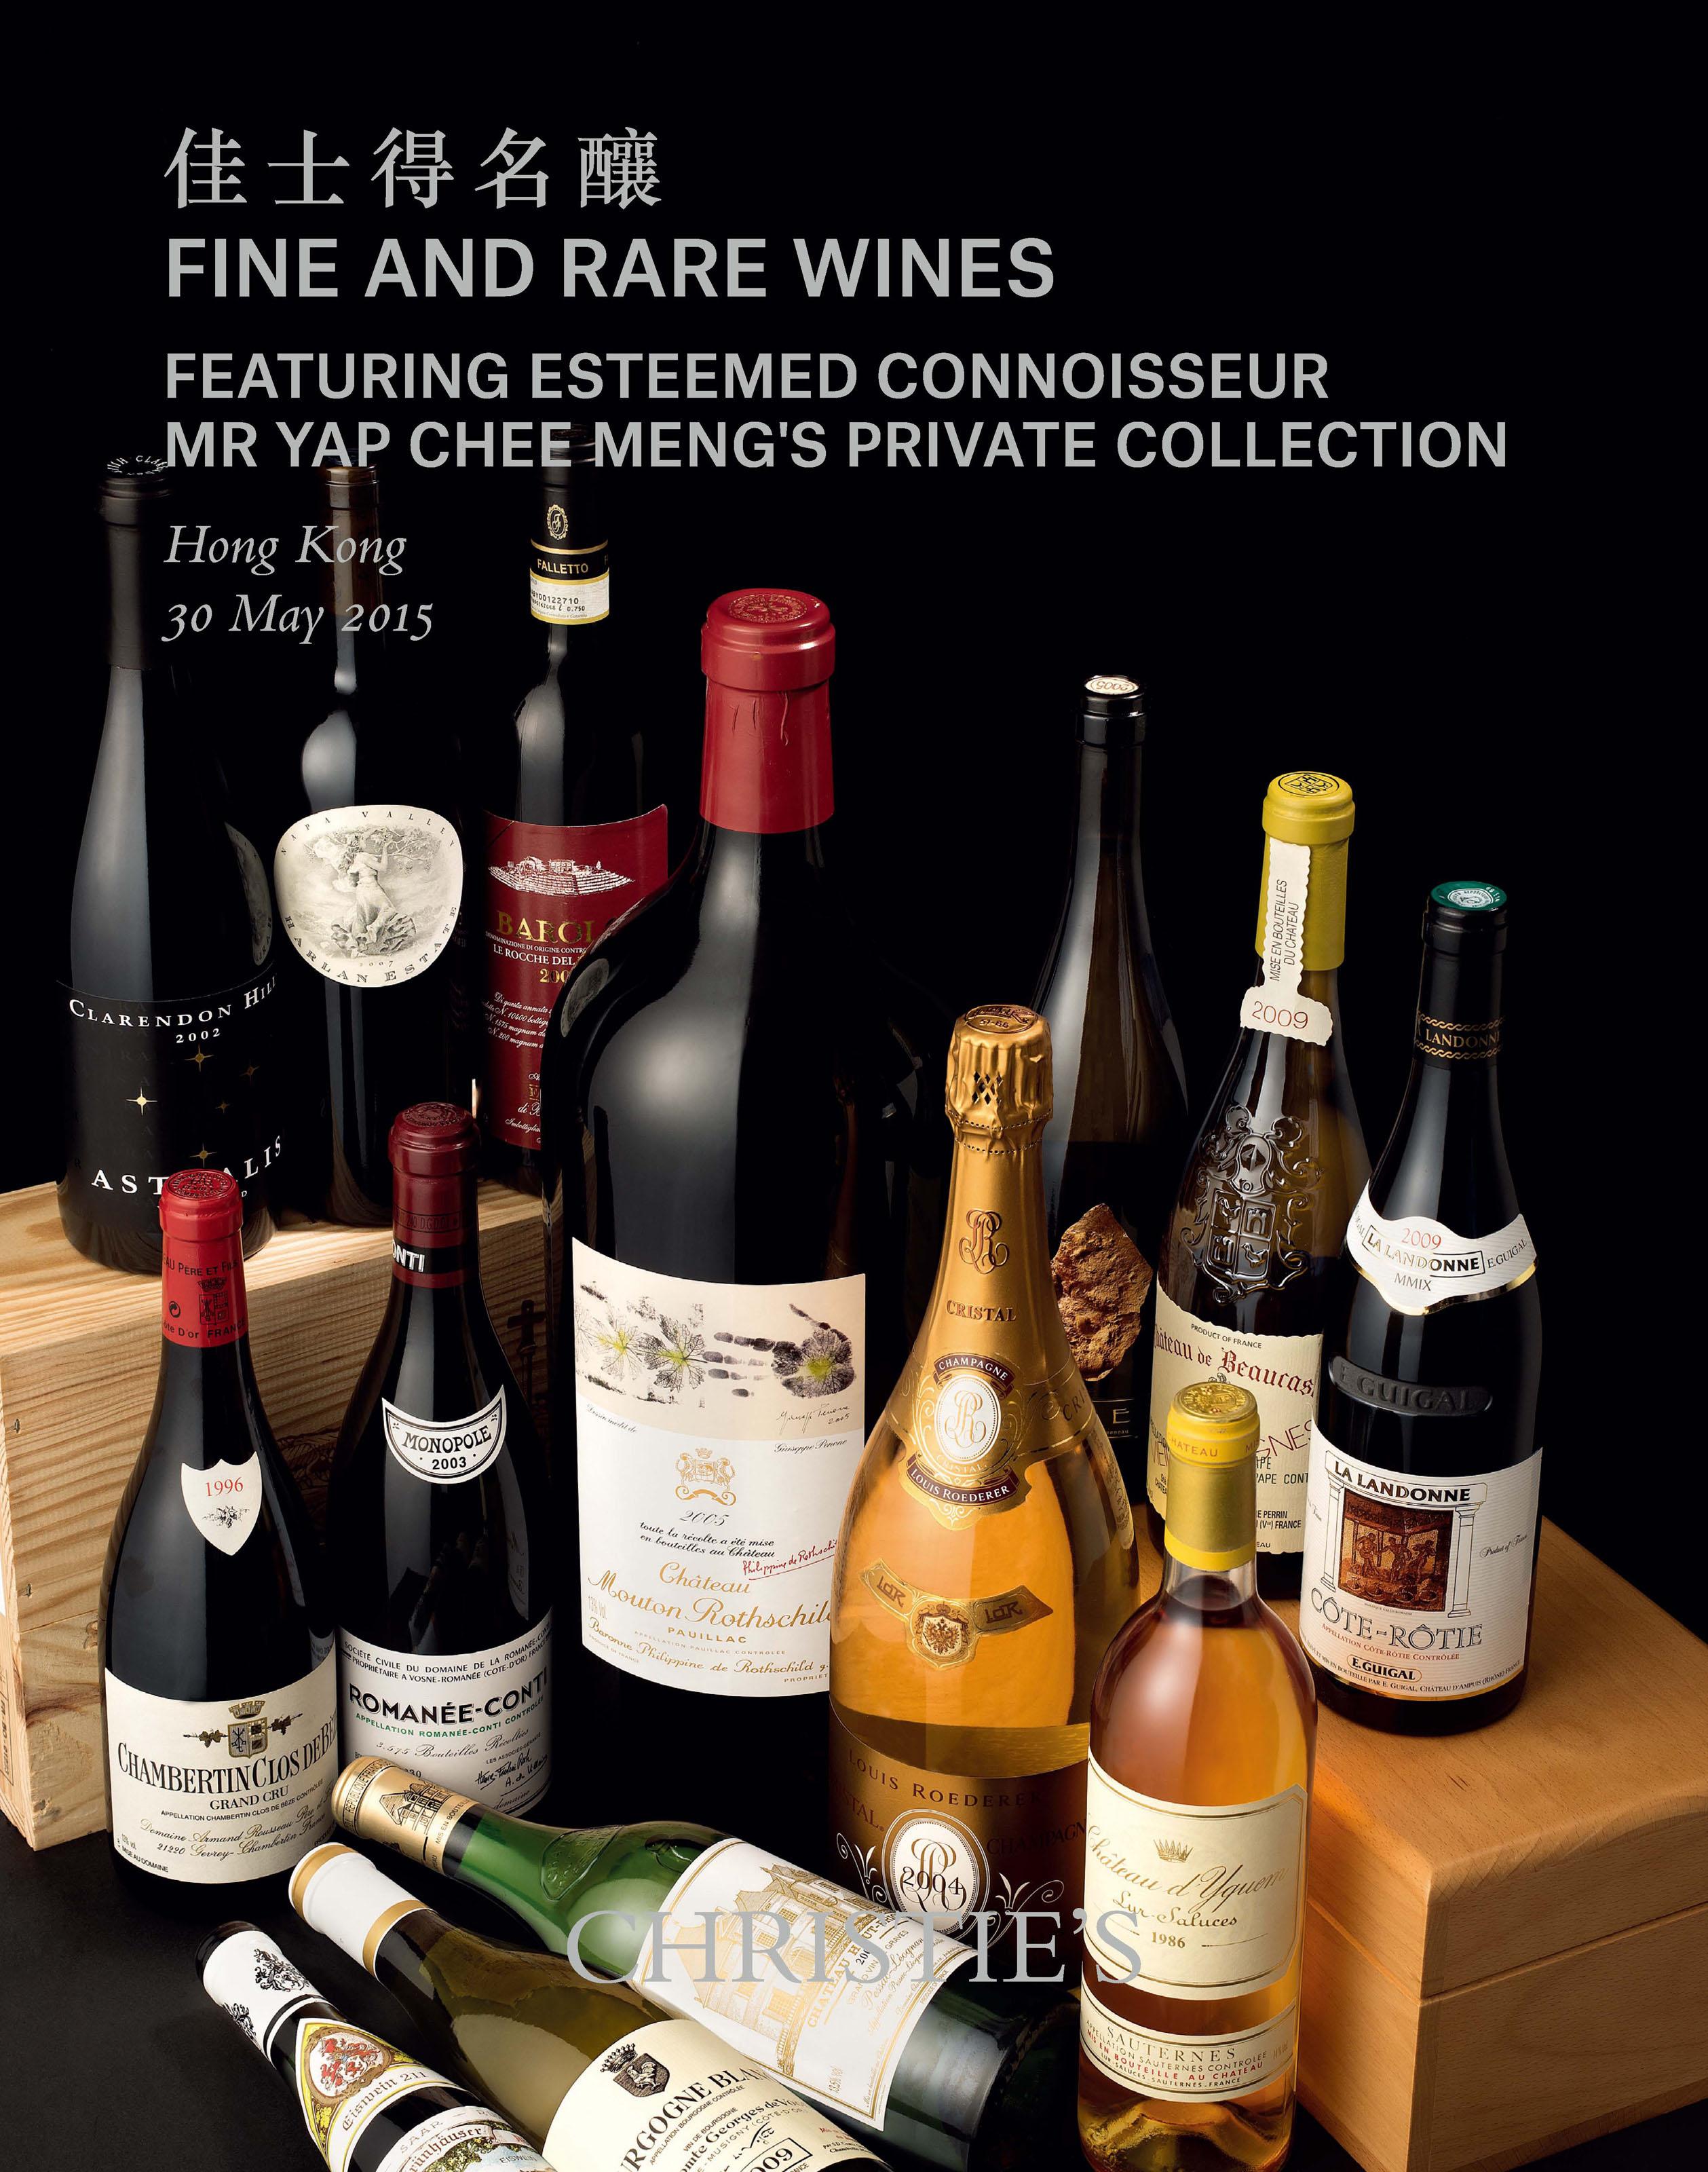 Marcassin, Pinot Noir 2003